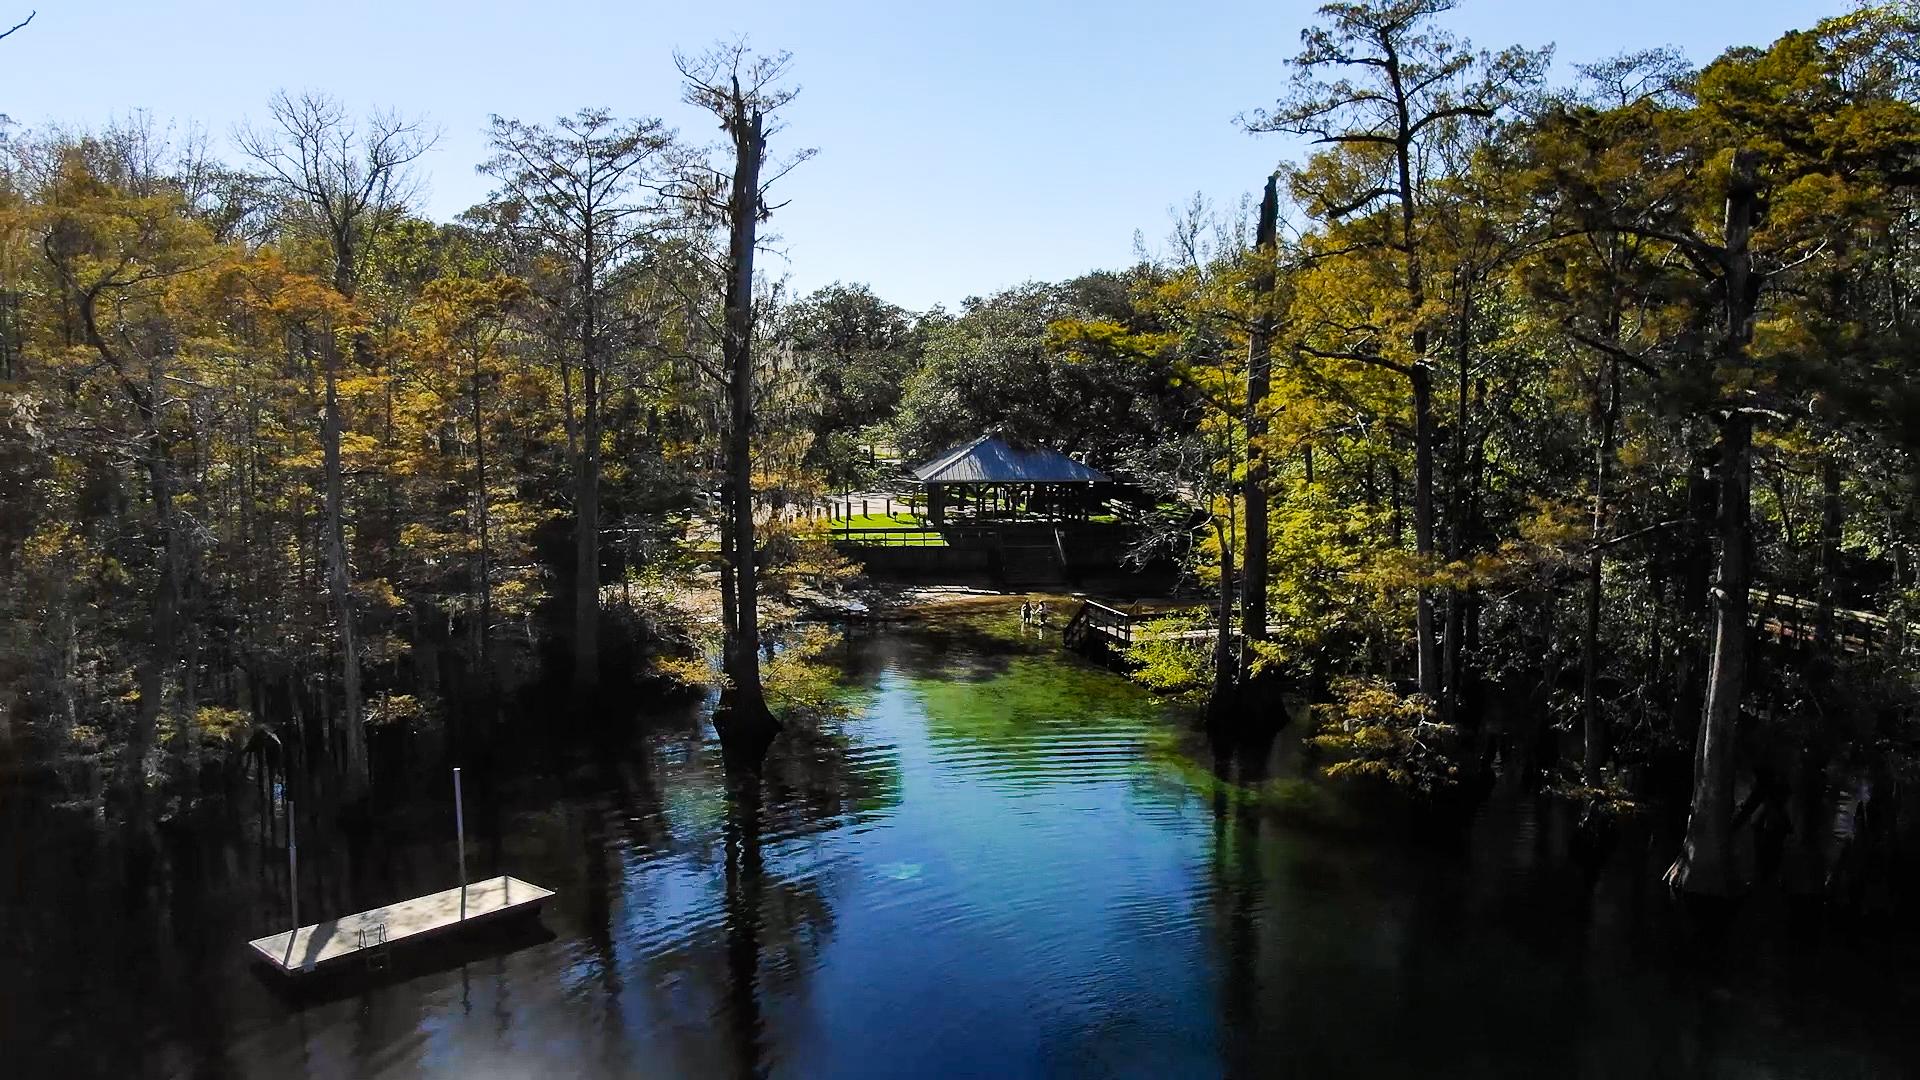 Florida Freshwater Springs